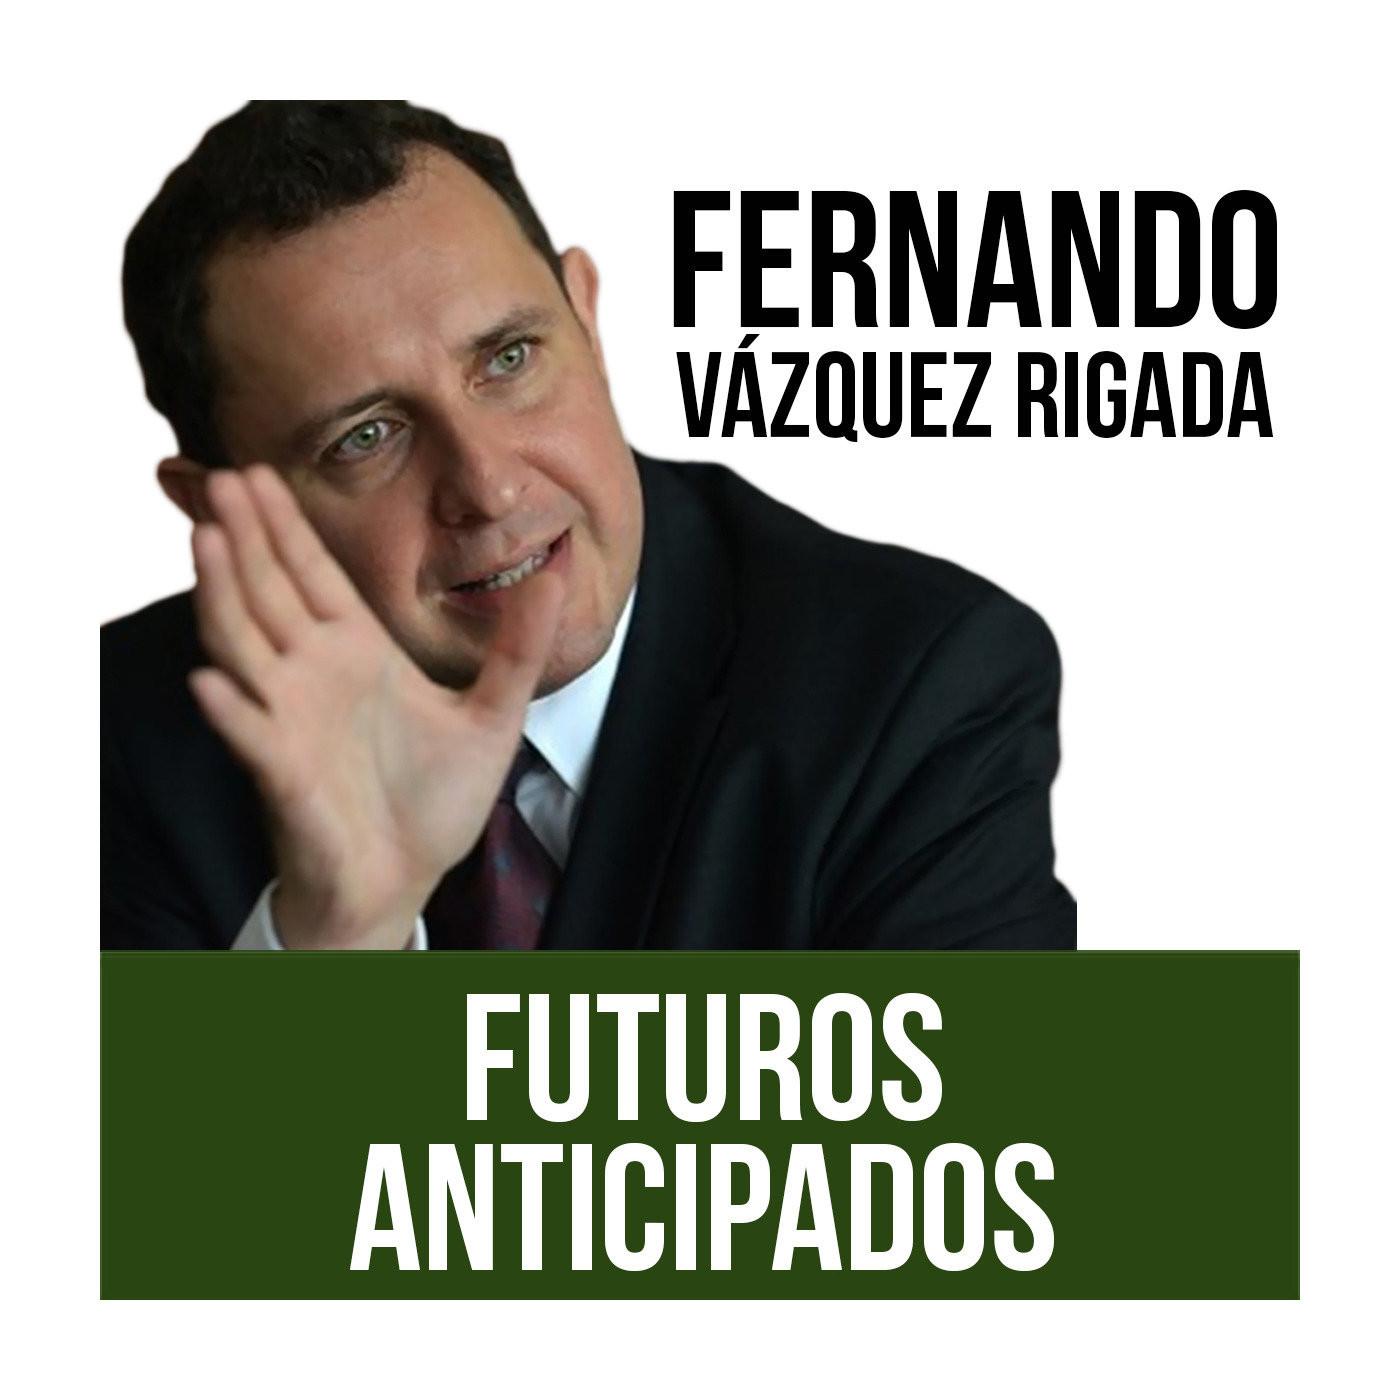 Fernando Vazquez Rigada